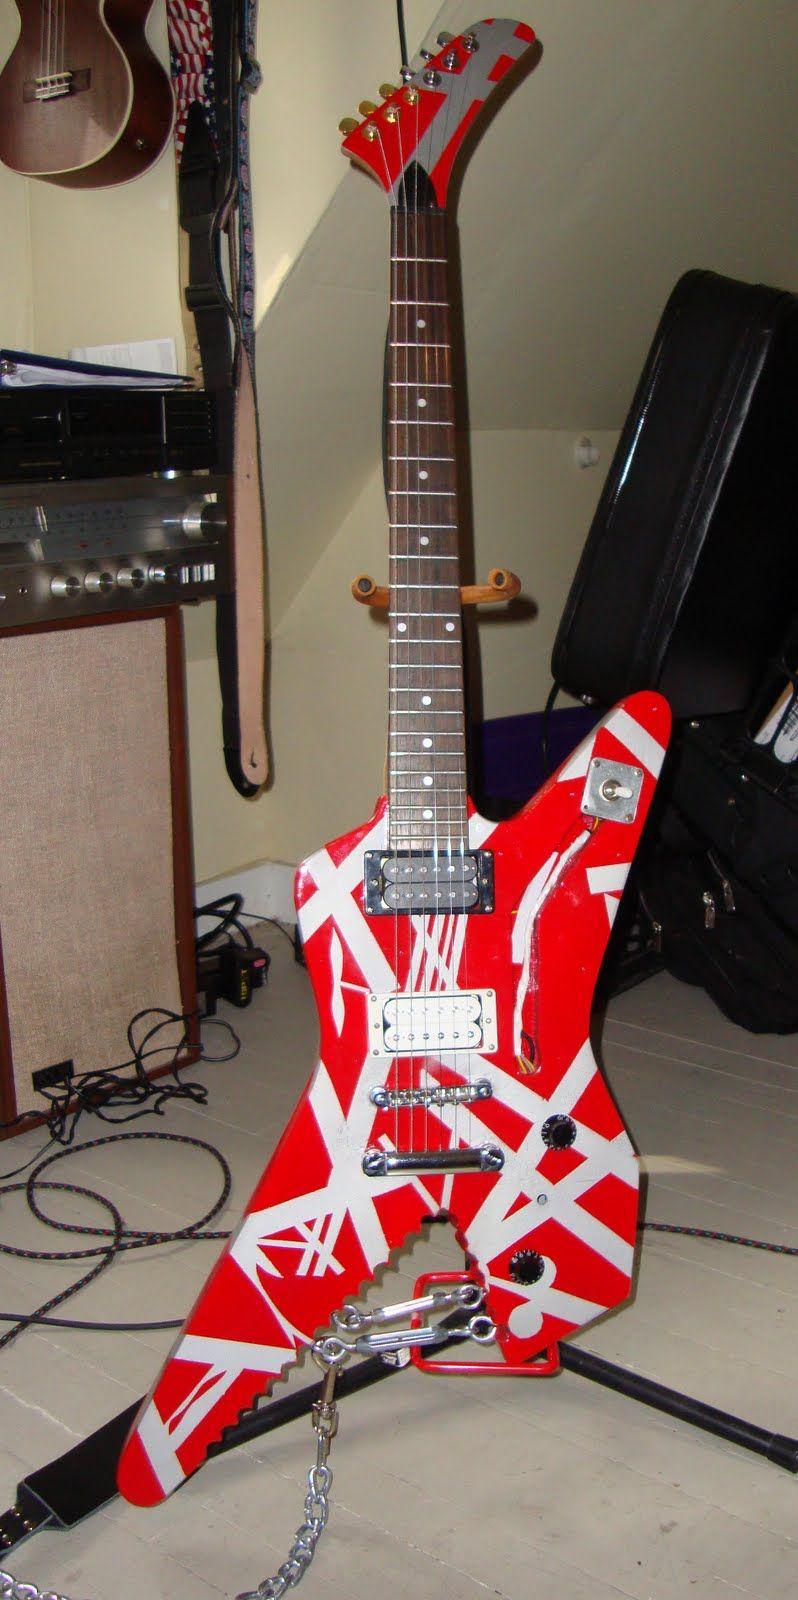 eddie van halen rock legends cool guitar [ 798 x 1600 Pixel ]